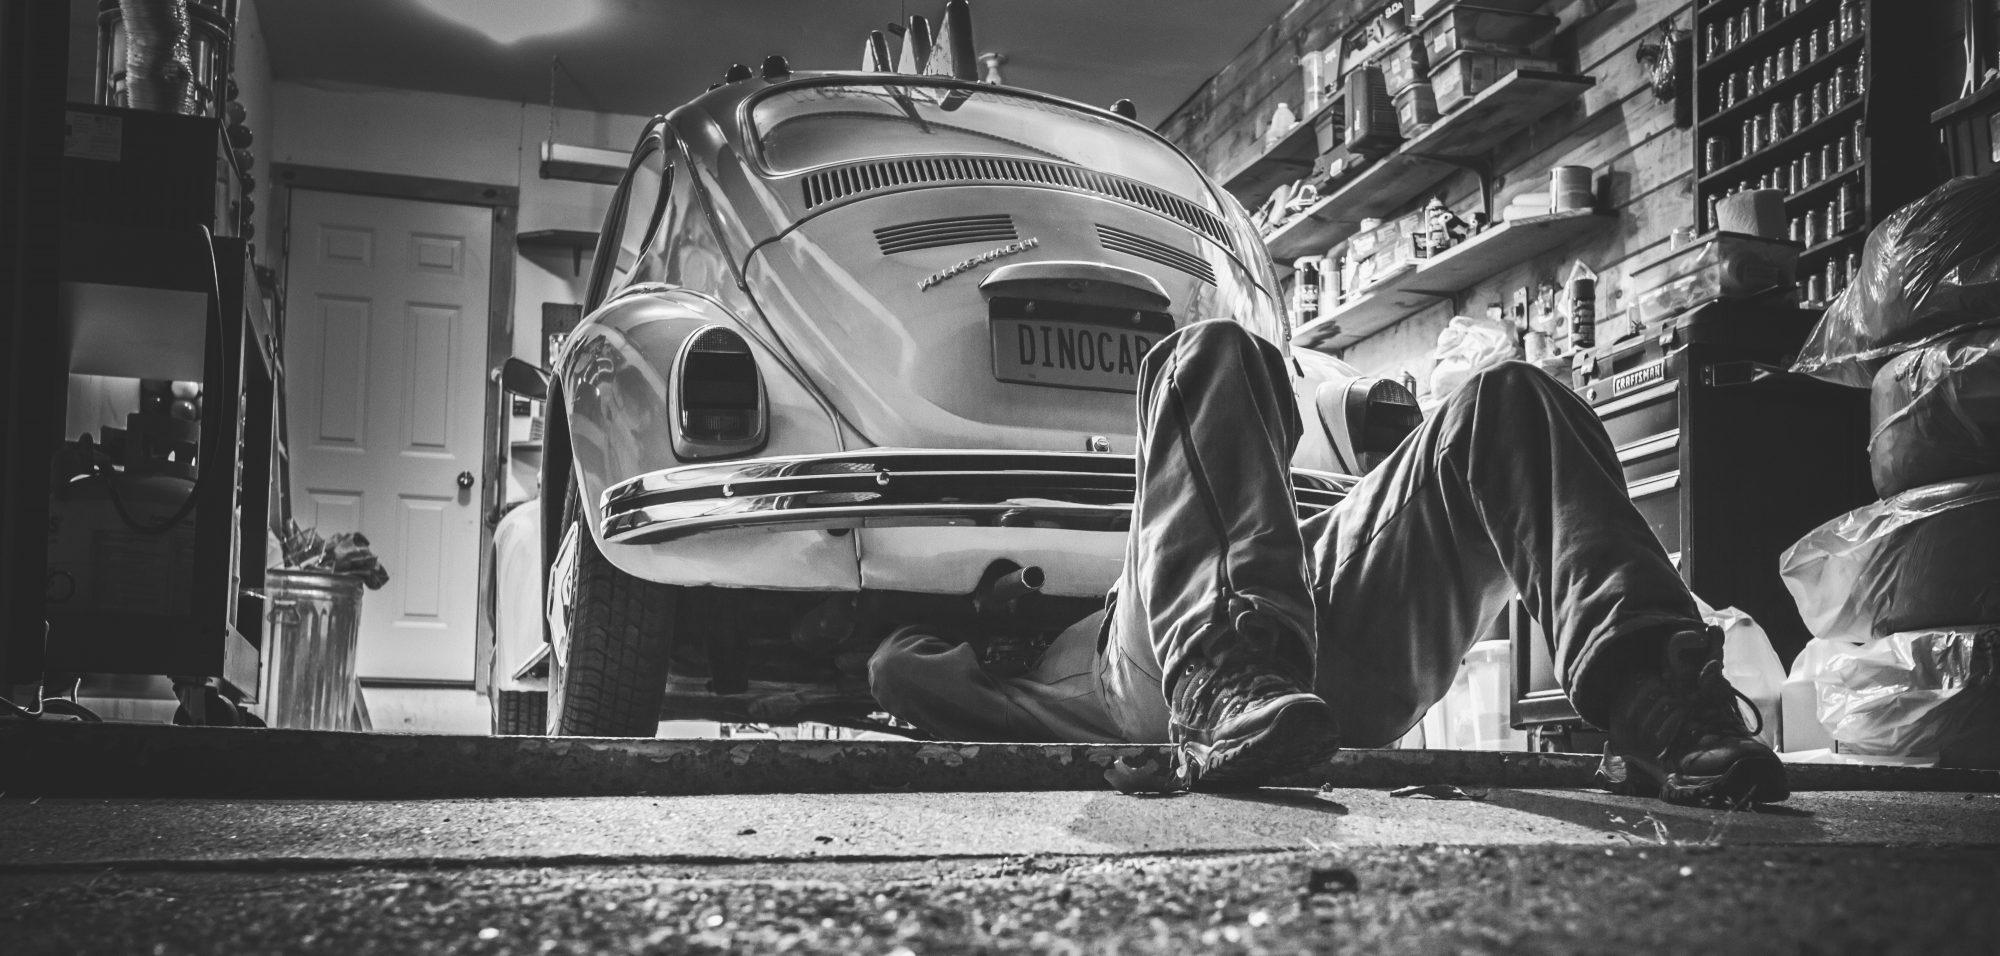 Stahlwerk Garage Verkauf&Reparaturen von Motorrädern und Autos